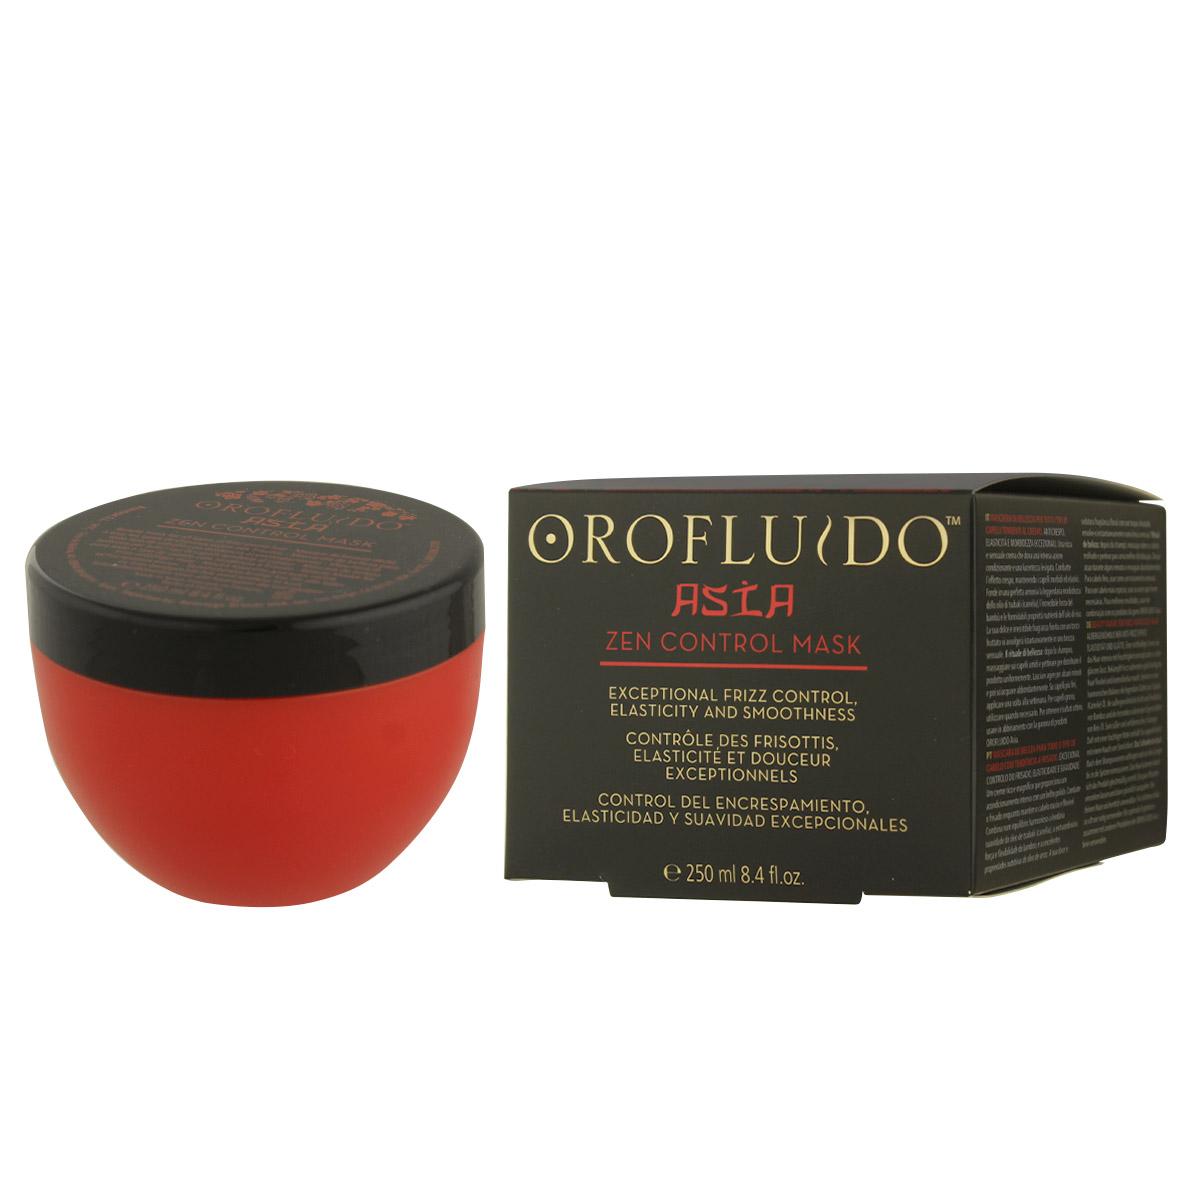 Orofluido(TM) Orofluido Asia Zen Control Hair Mask 250 ml 86010